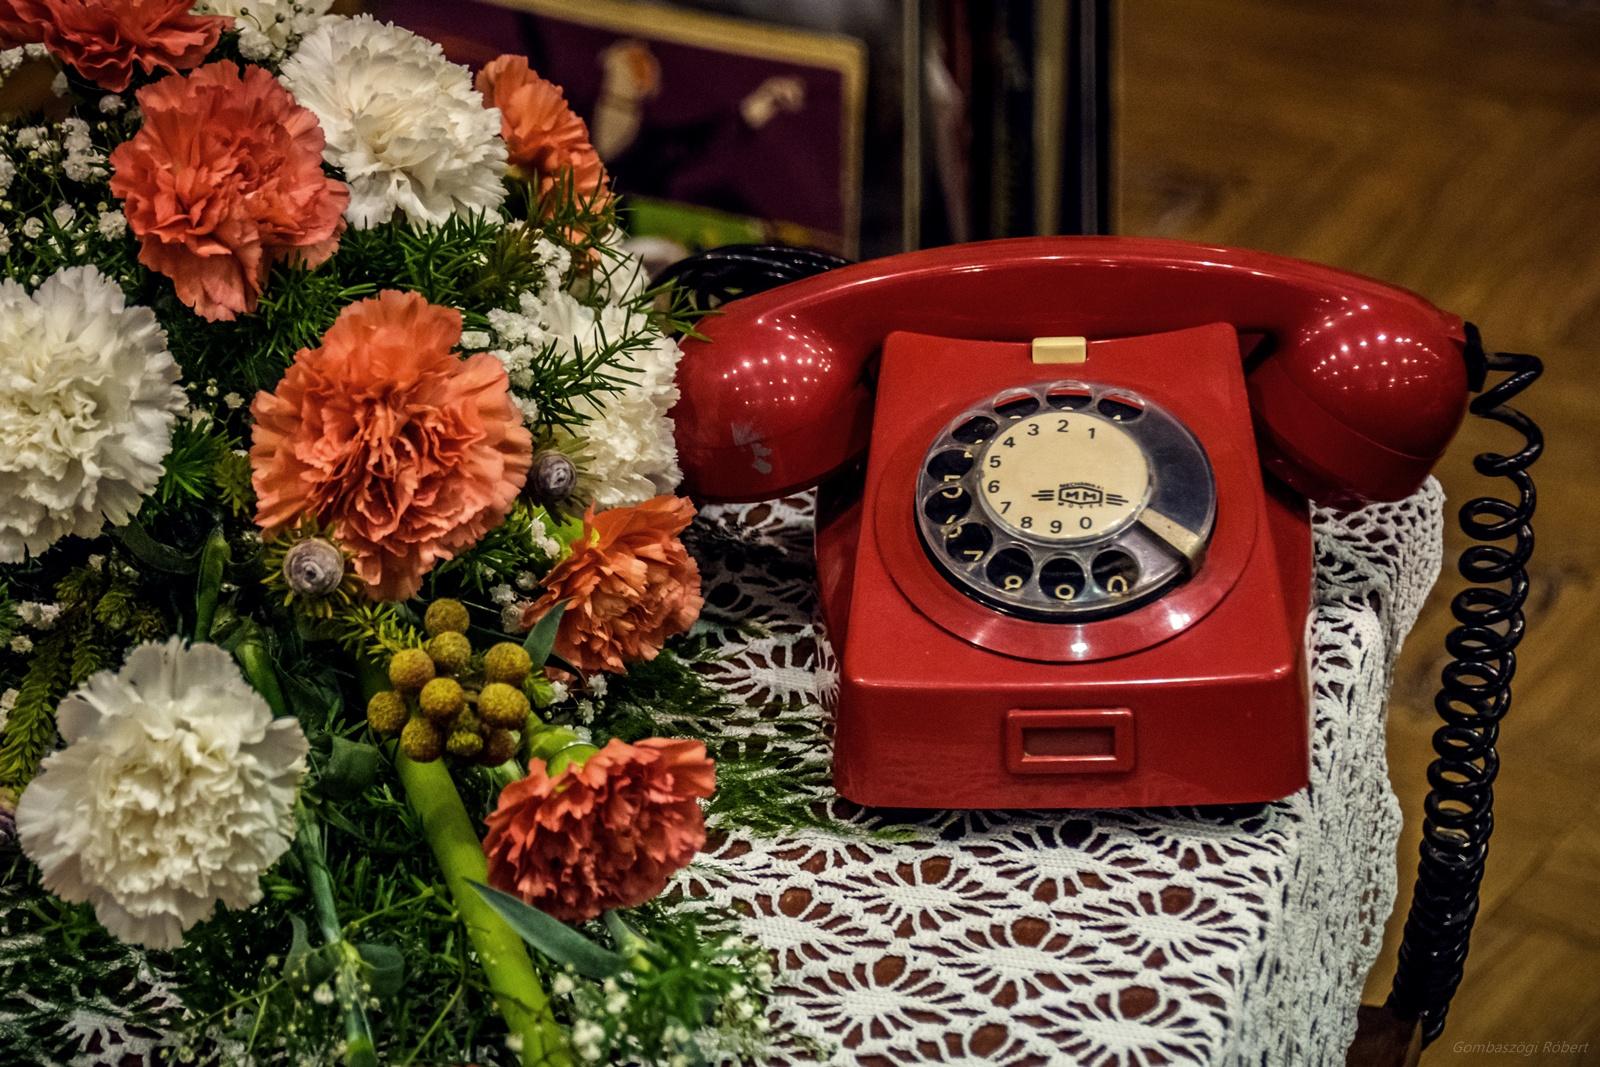 Piros telefon